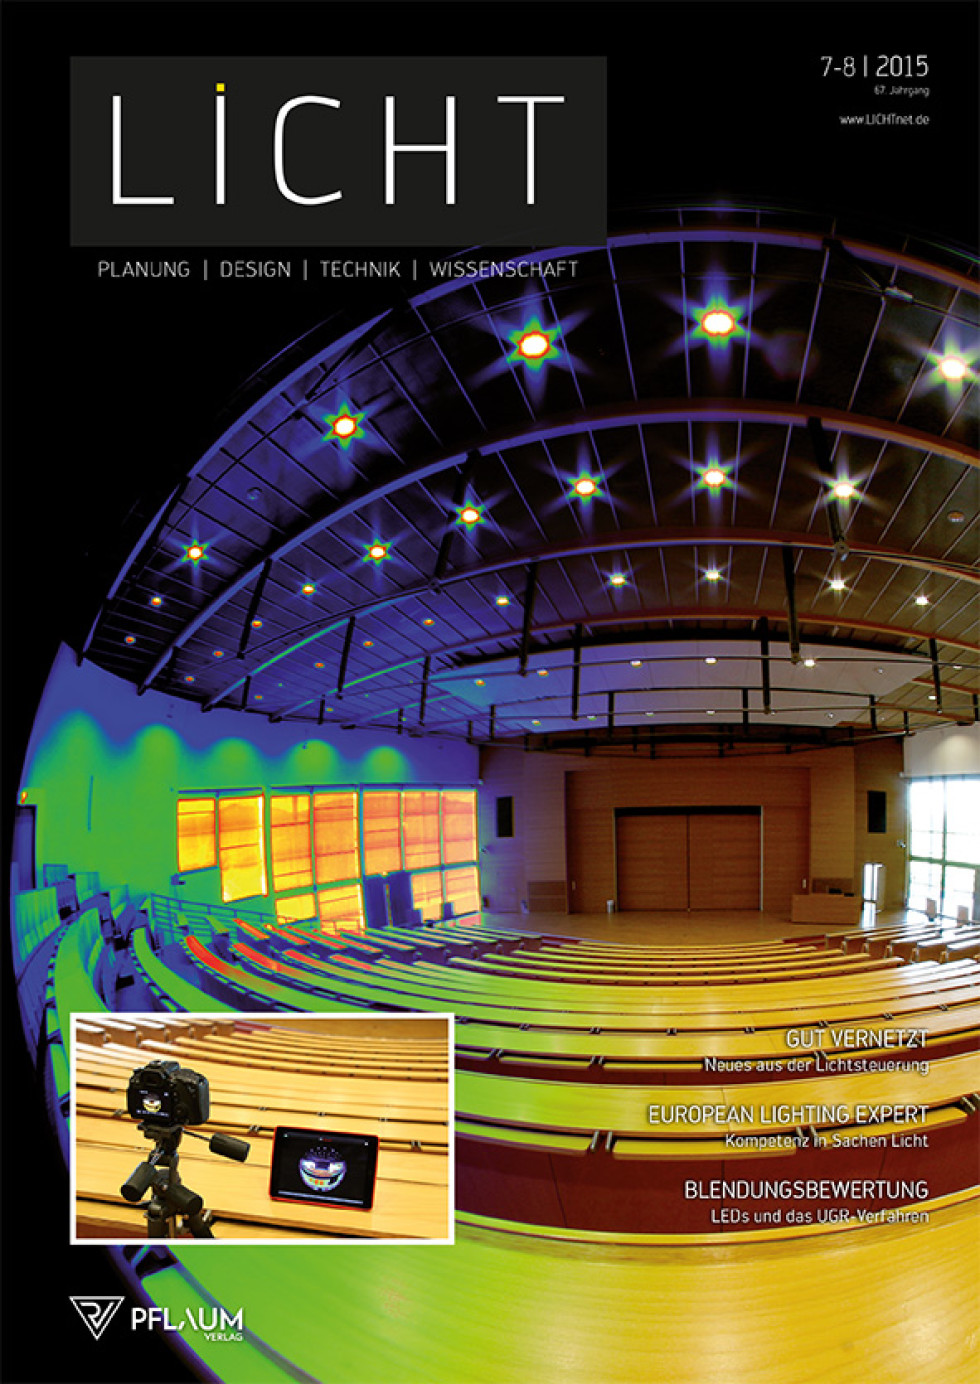 Berufsbilder mit Licht | Andreas Barthelmes